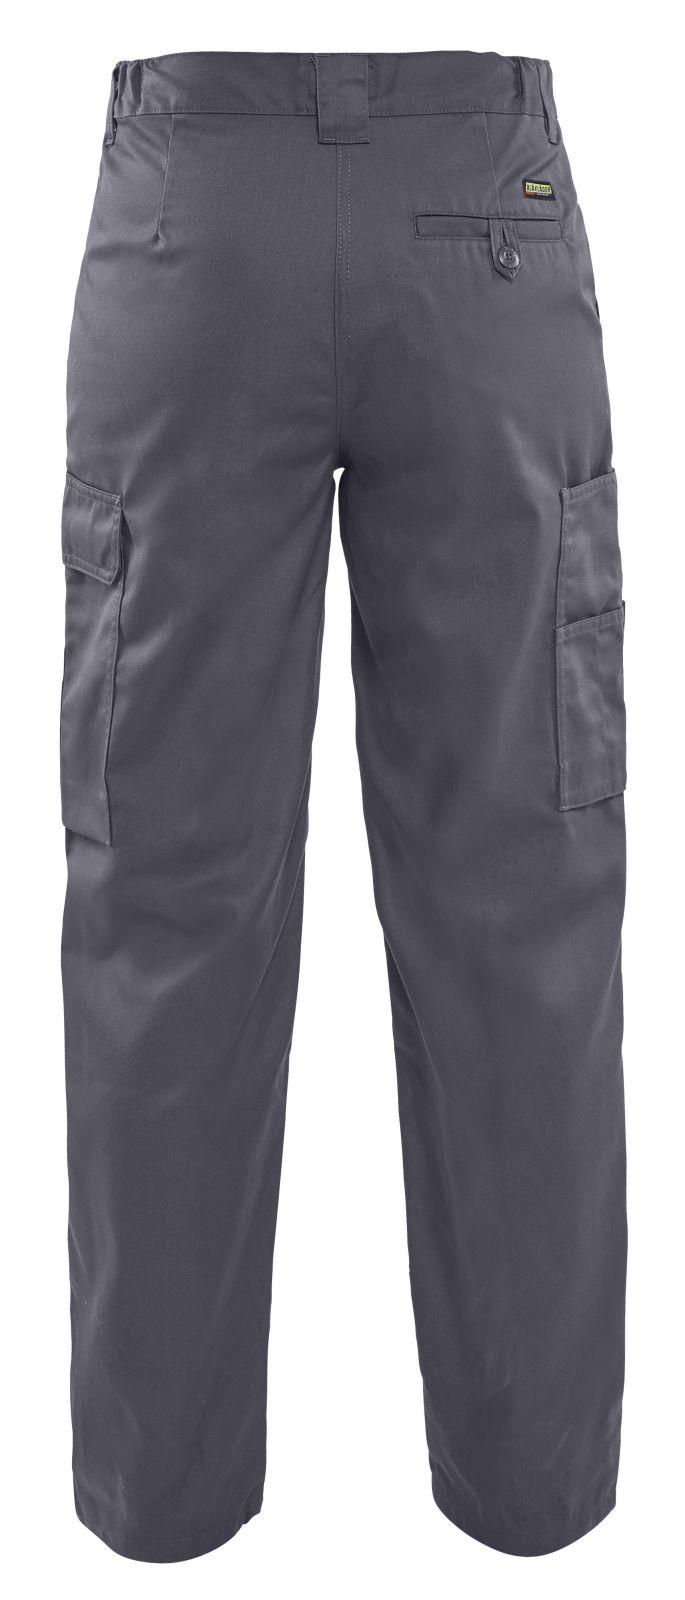 Blaklader Dames werkbroeken 71201800 grijs(9400)